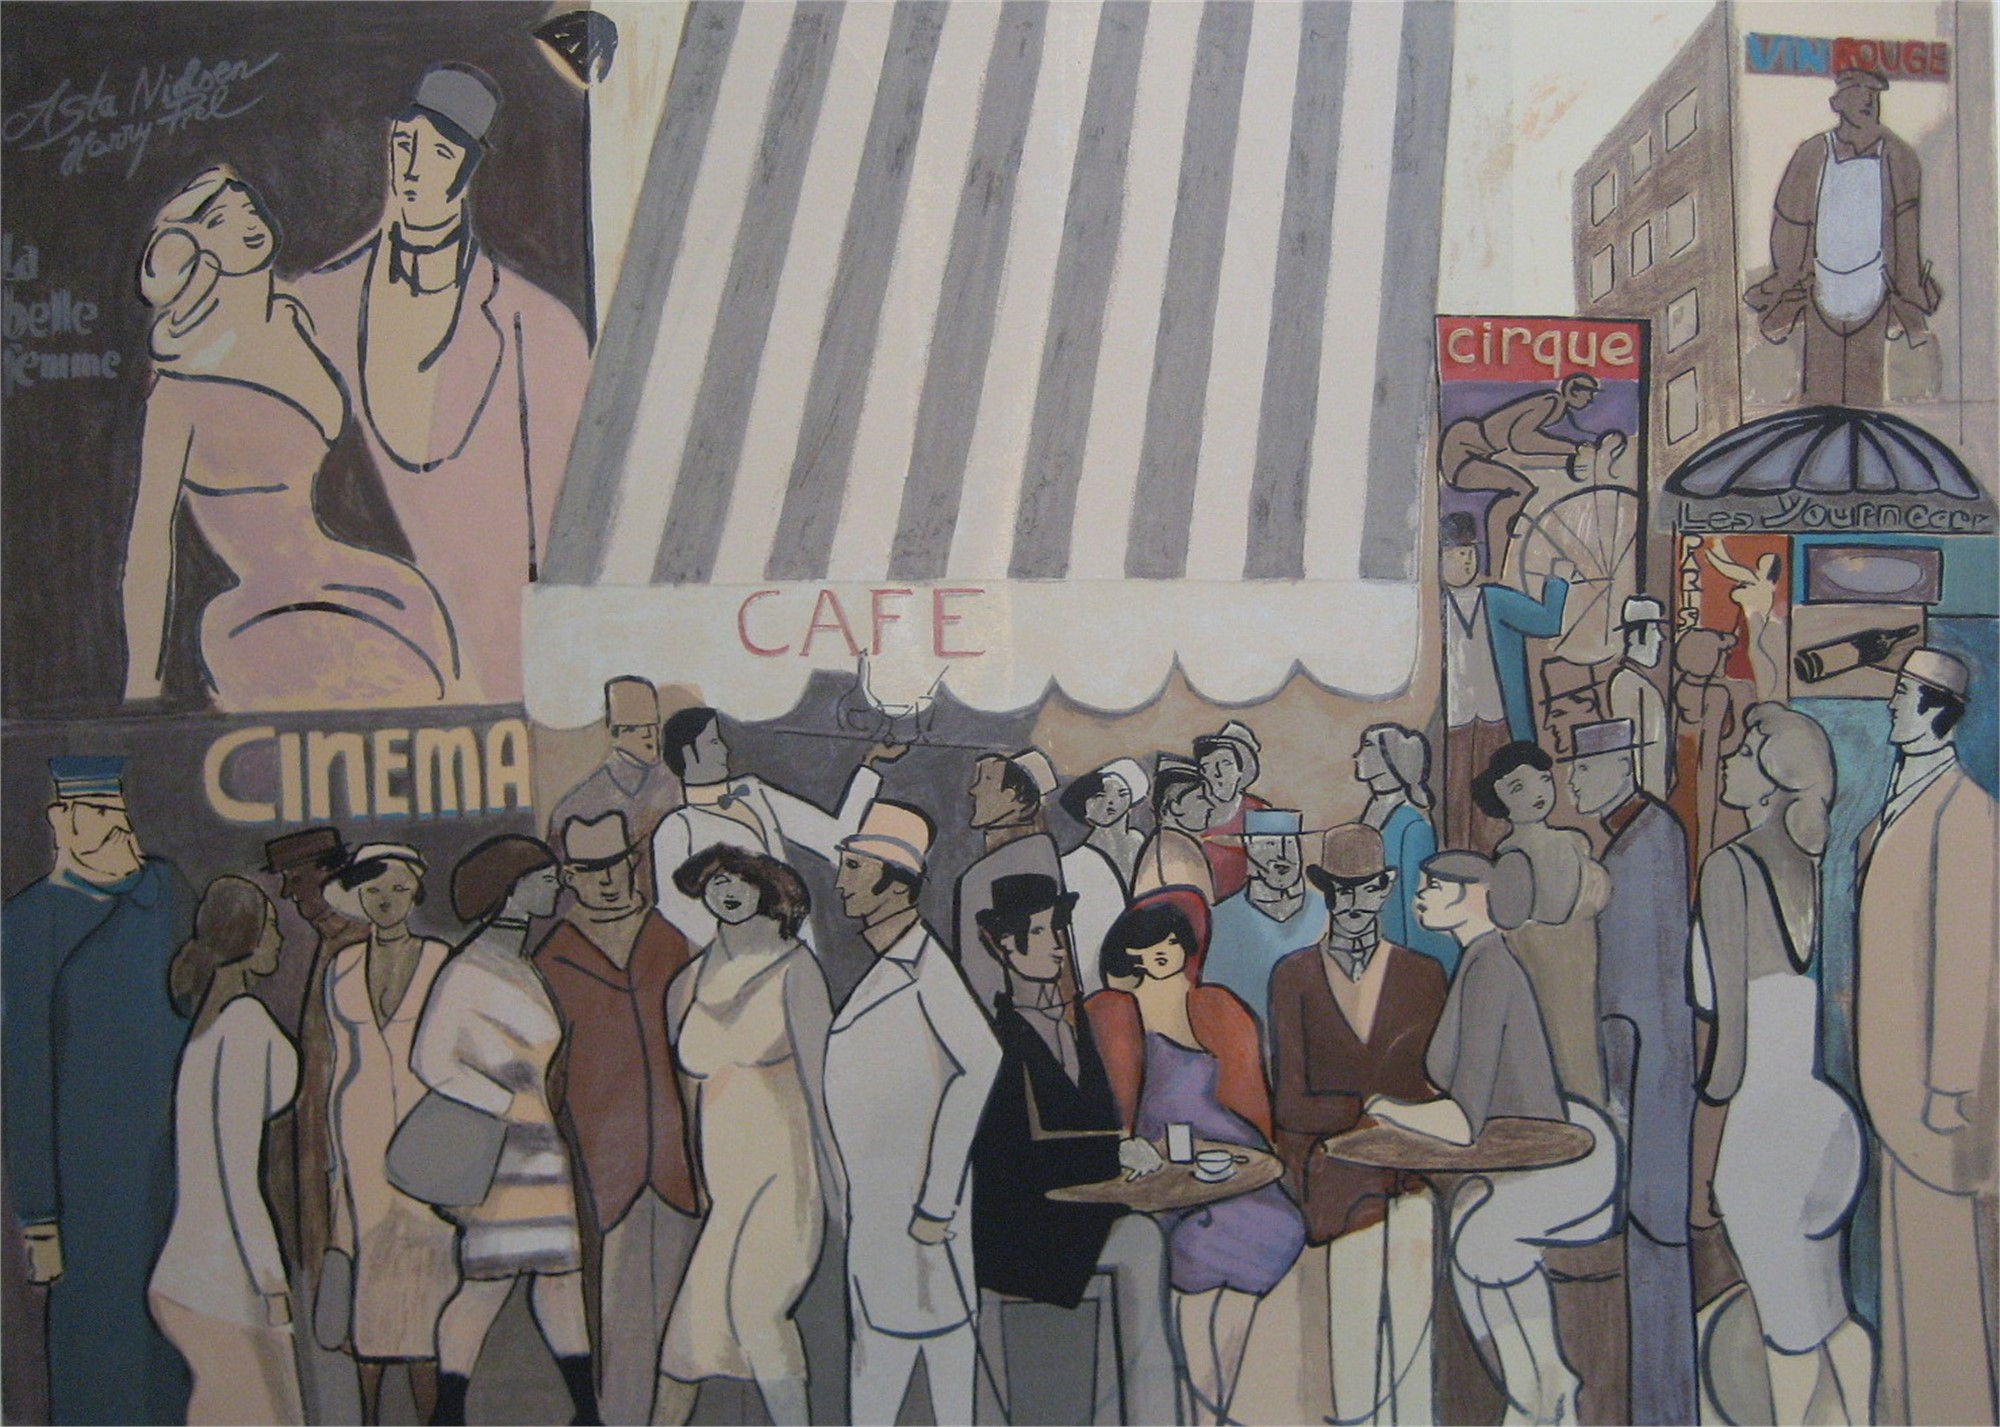 La Belle Femme by David Schneuer